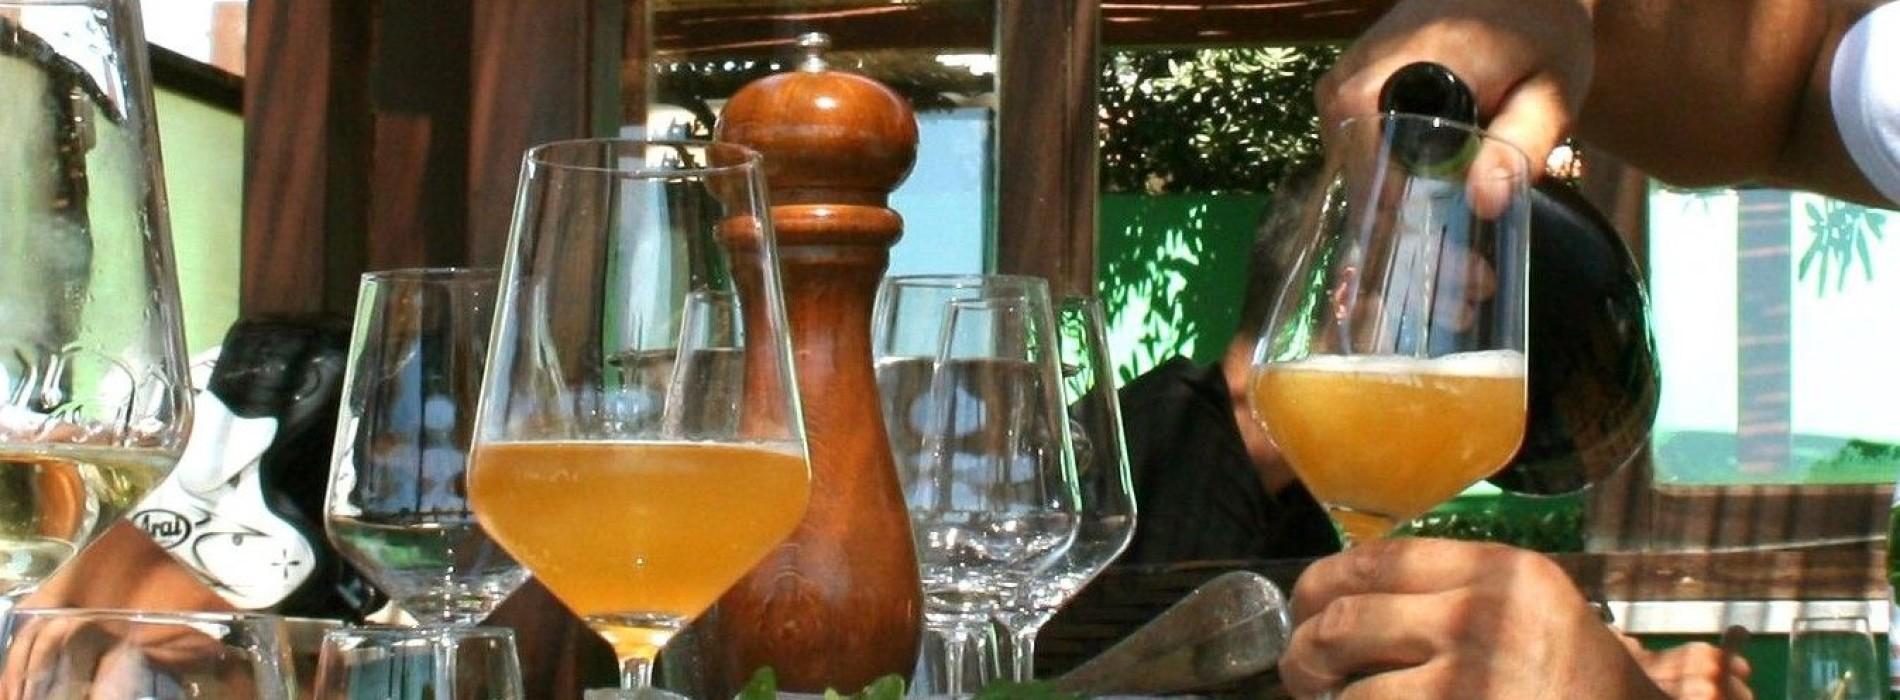 Weekend a Roma, pranzo al mare o al lago (o brunch all'aperto) nel fine settimana più torrido dell'anno